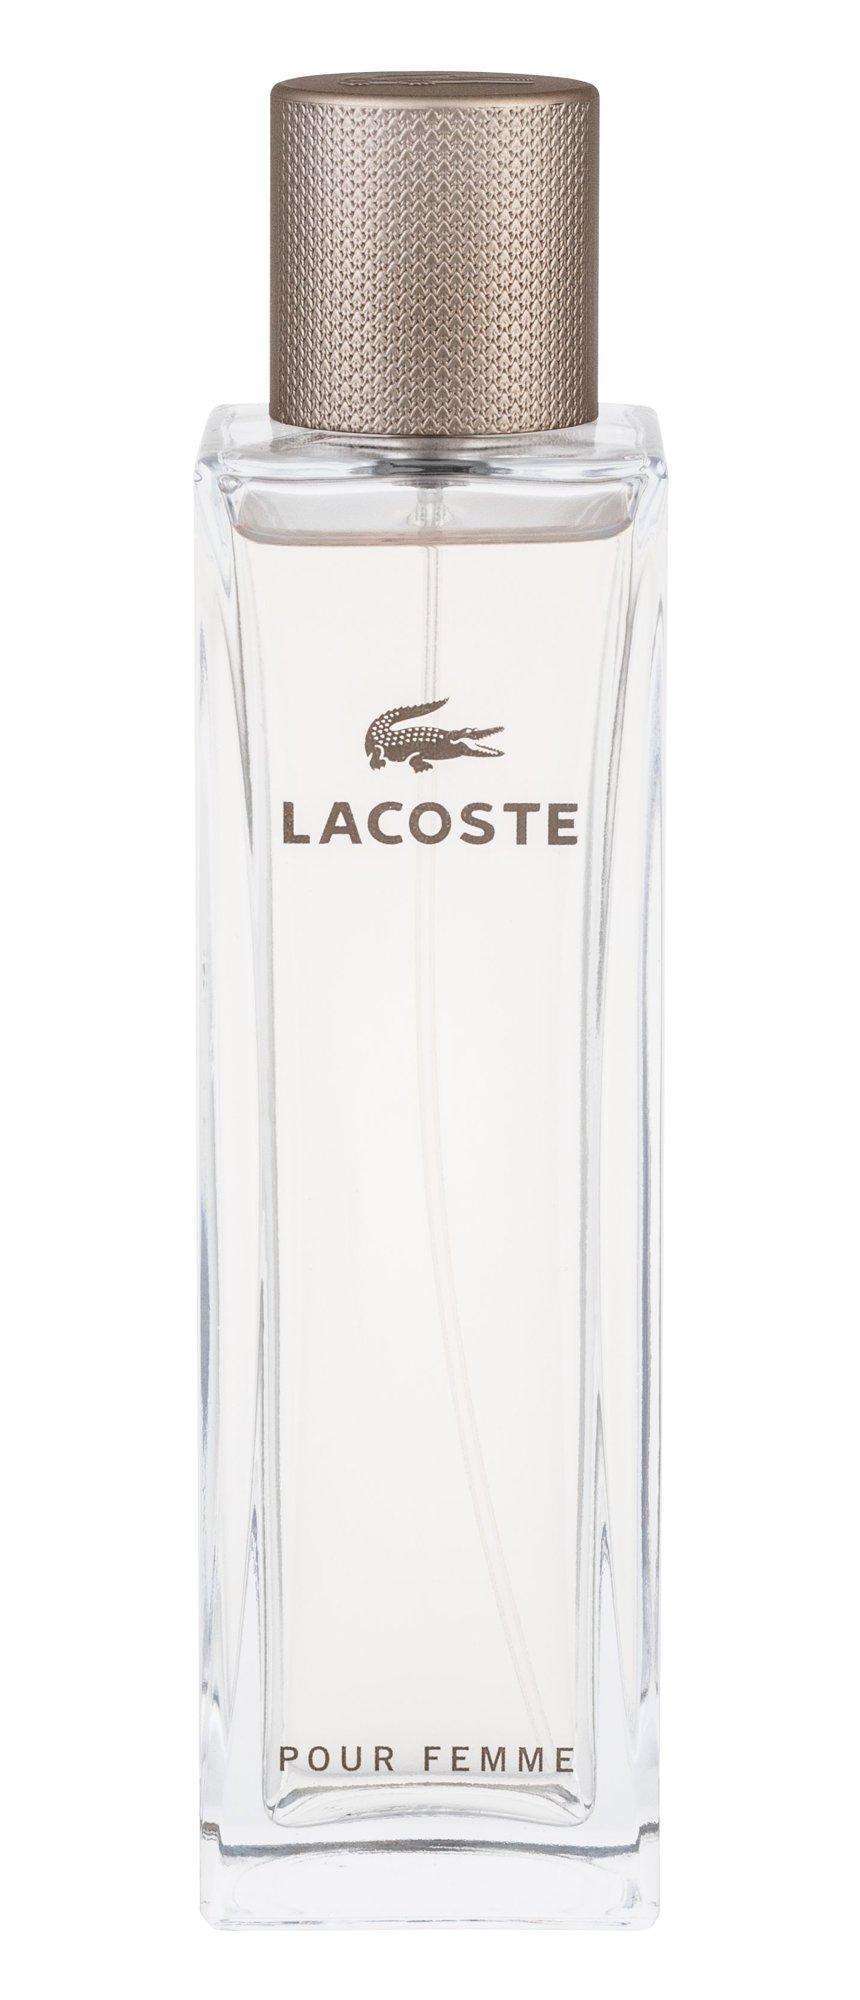 Lacoste Pour Femme EDP 90ml